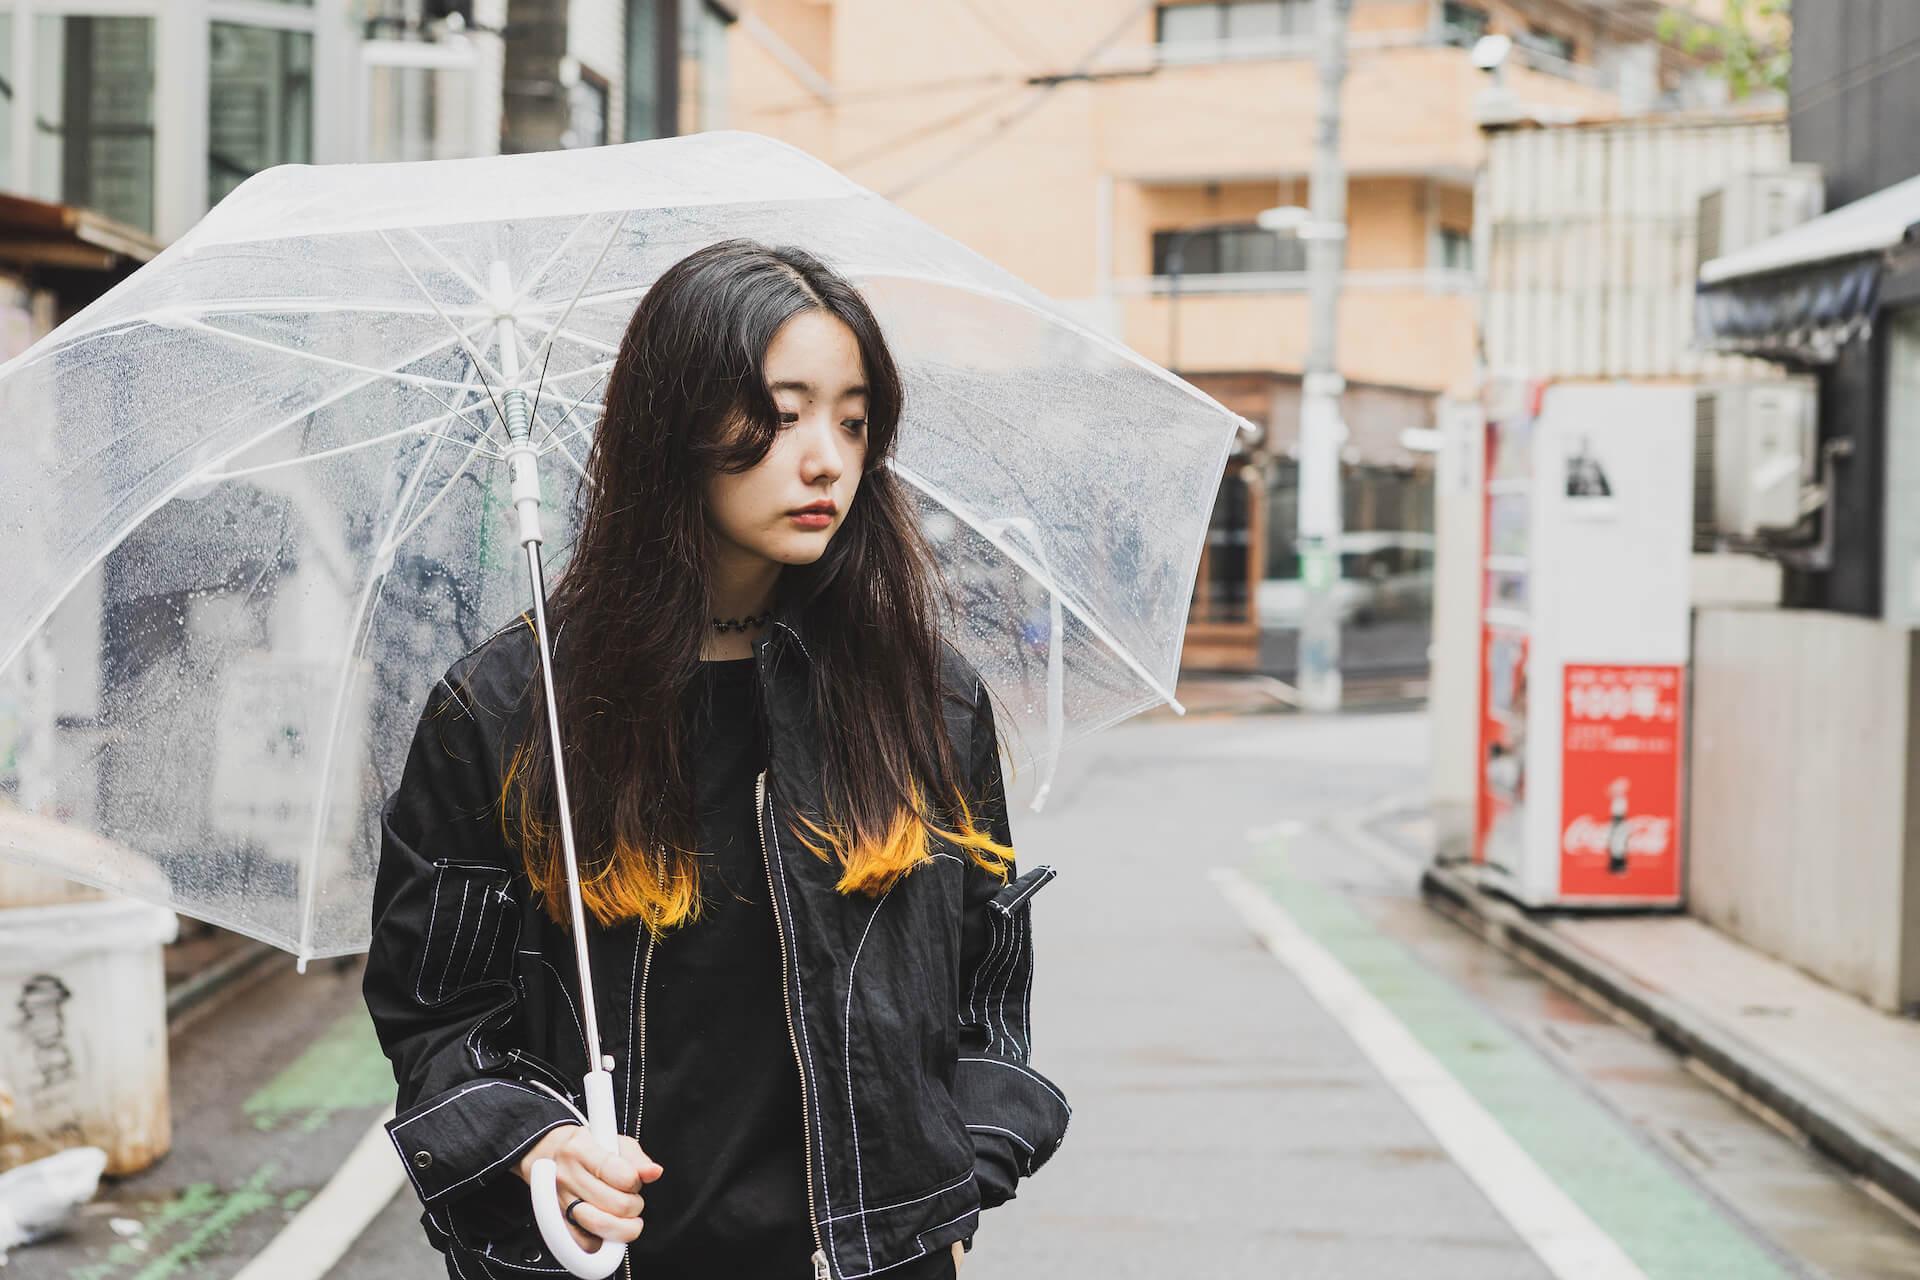 PALLADIUM × 7A&msd|スタイリスト、クリエイターが提案する梅雨を乗り切る雨の日コーデ fashion210526_palladium-023